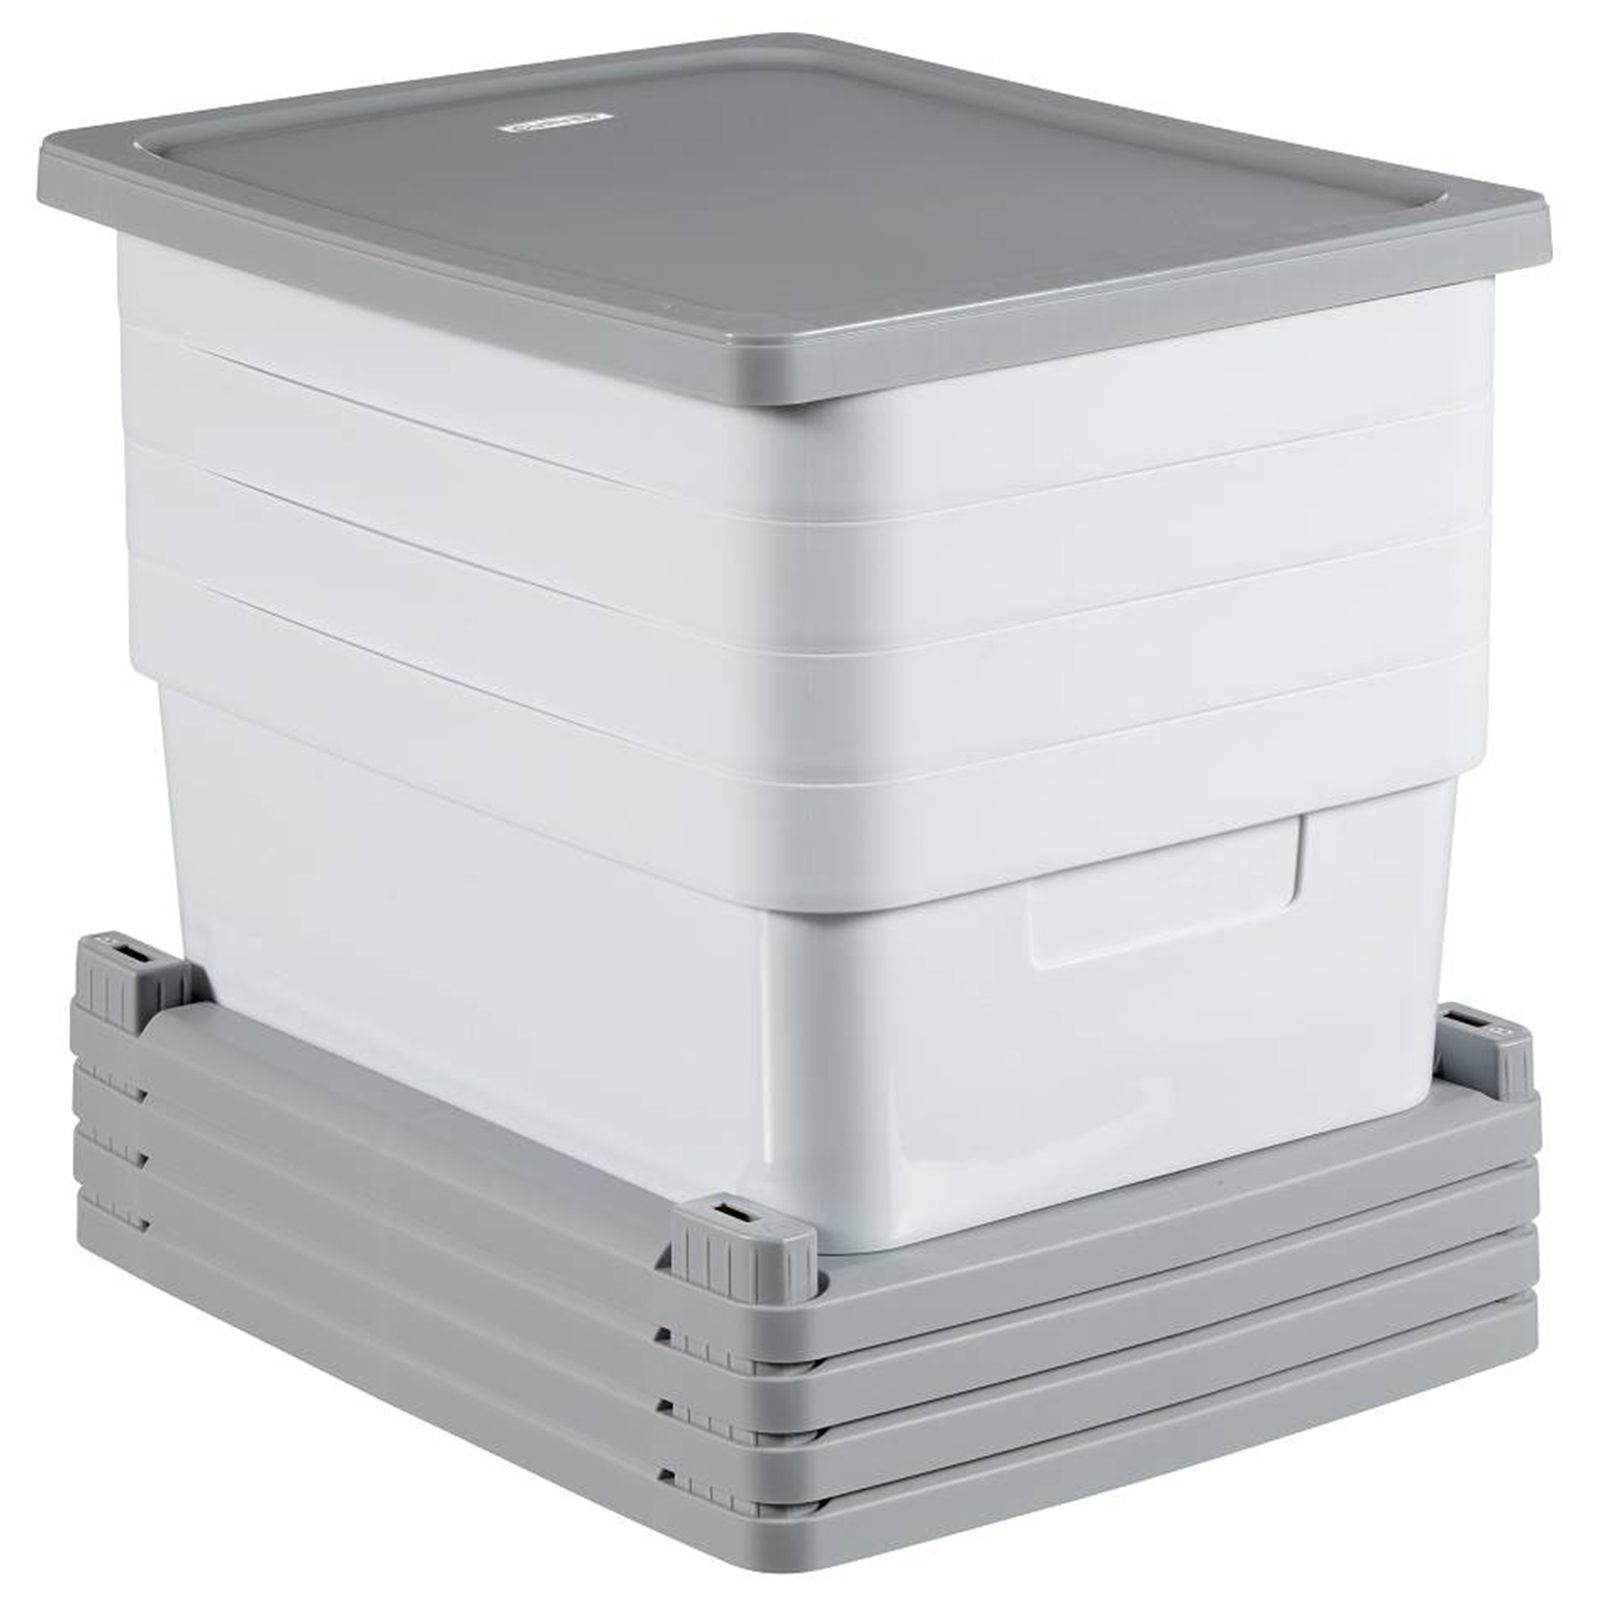 Hylla med 4 lådor Infinity 30 x 36 x 69 cm grå-vit CURVER